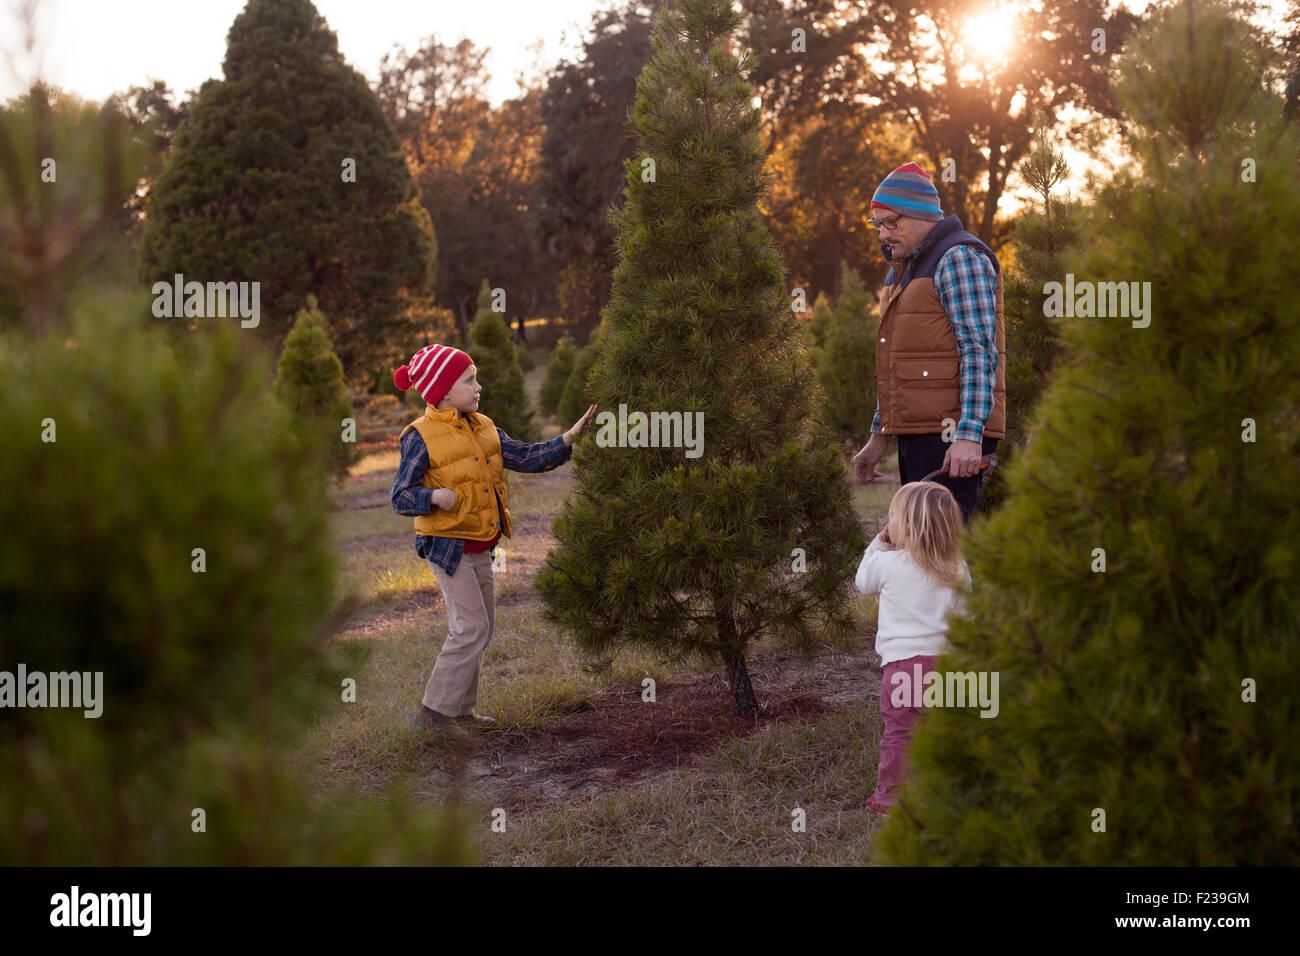 Una familia de decidir qué árbol de Navidad para cortar en una granja de árboles. Imagen De Stock